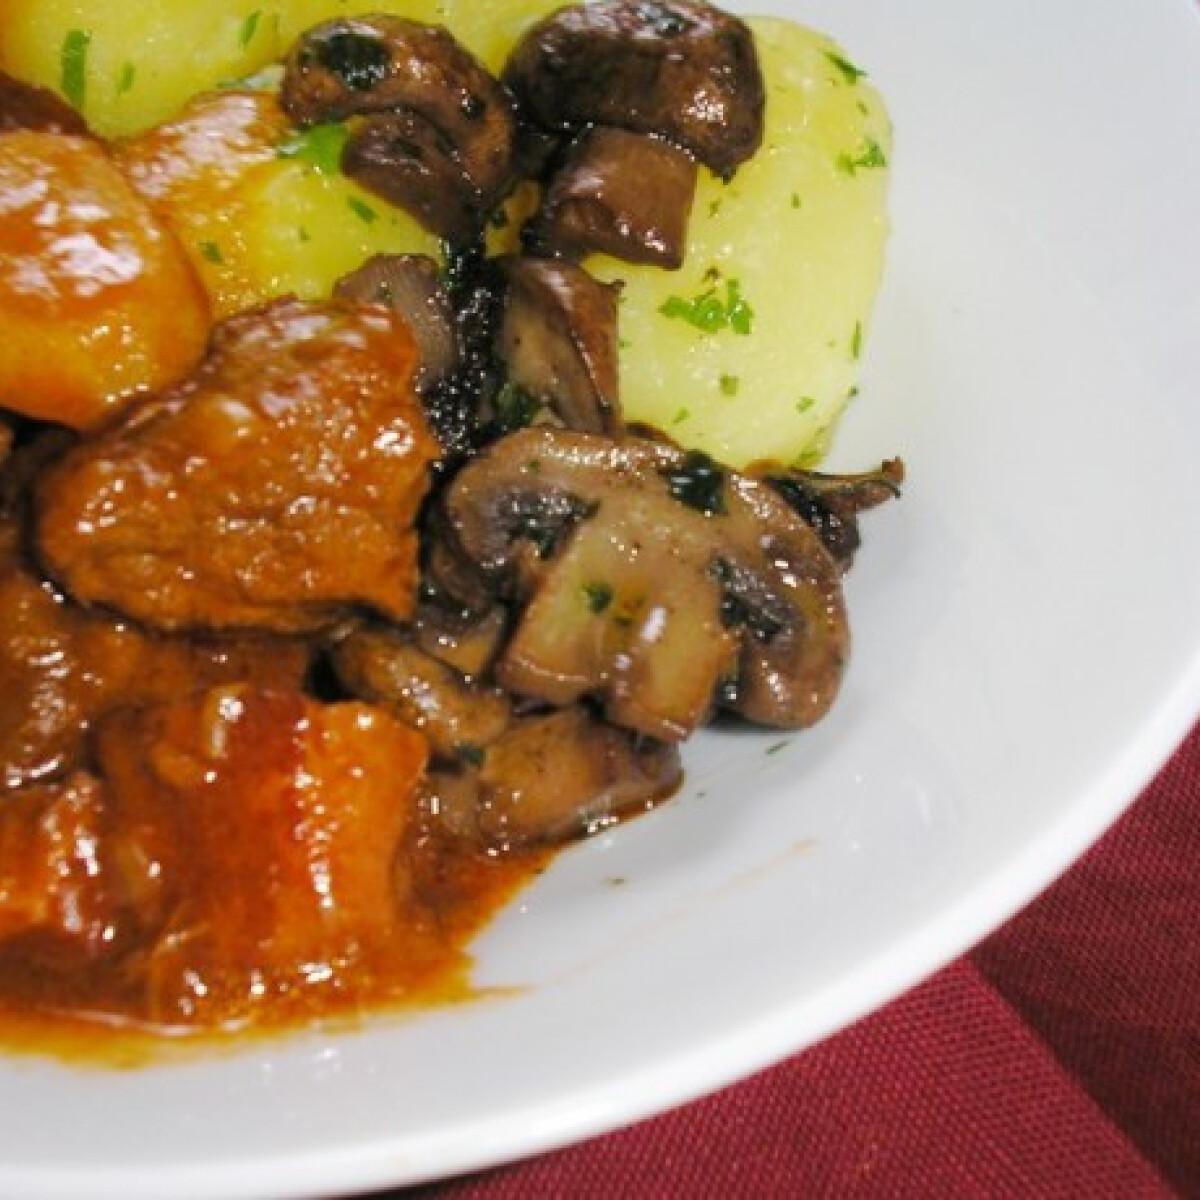 Ezen a képen: Burgundi marharagu Zsuzsamama konyhájából